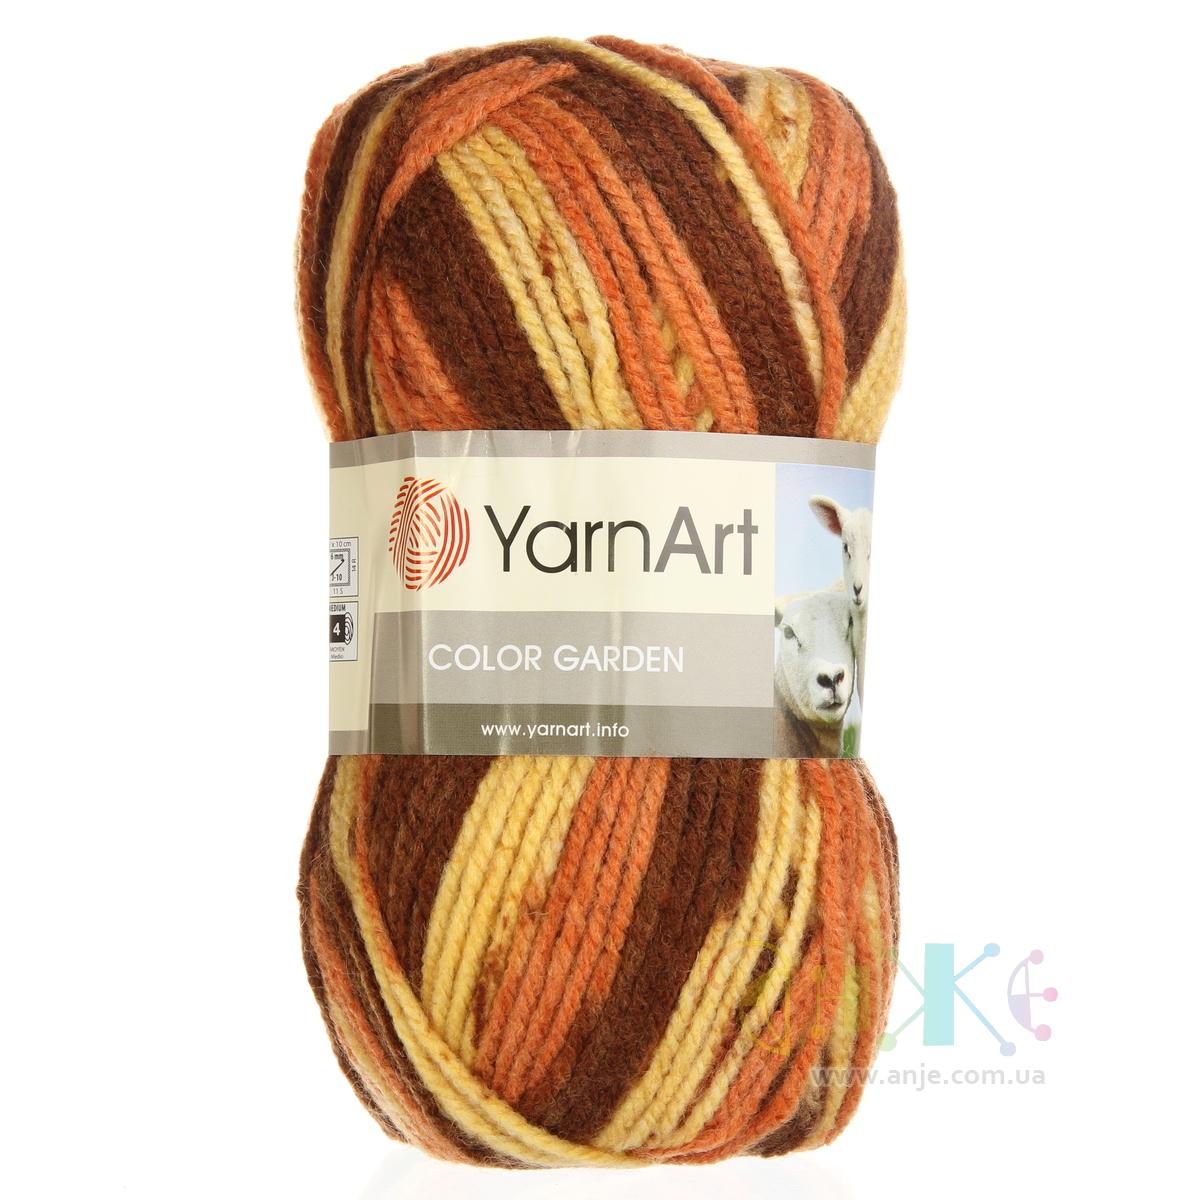 Yarn art color garden -  Yarnart Color Garden 11